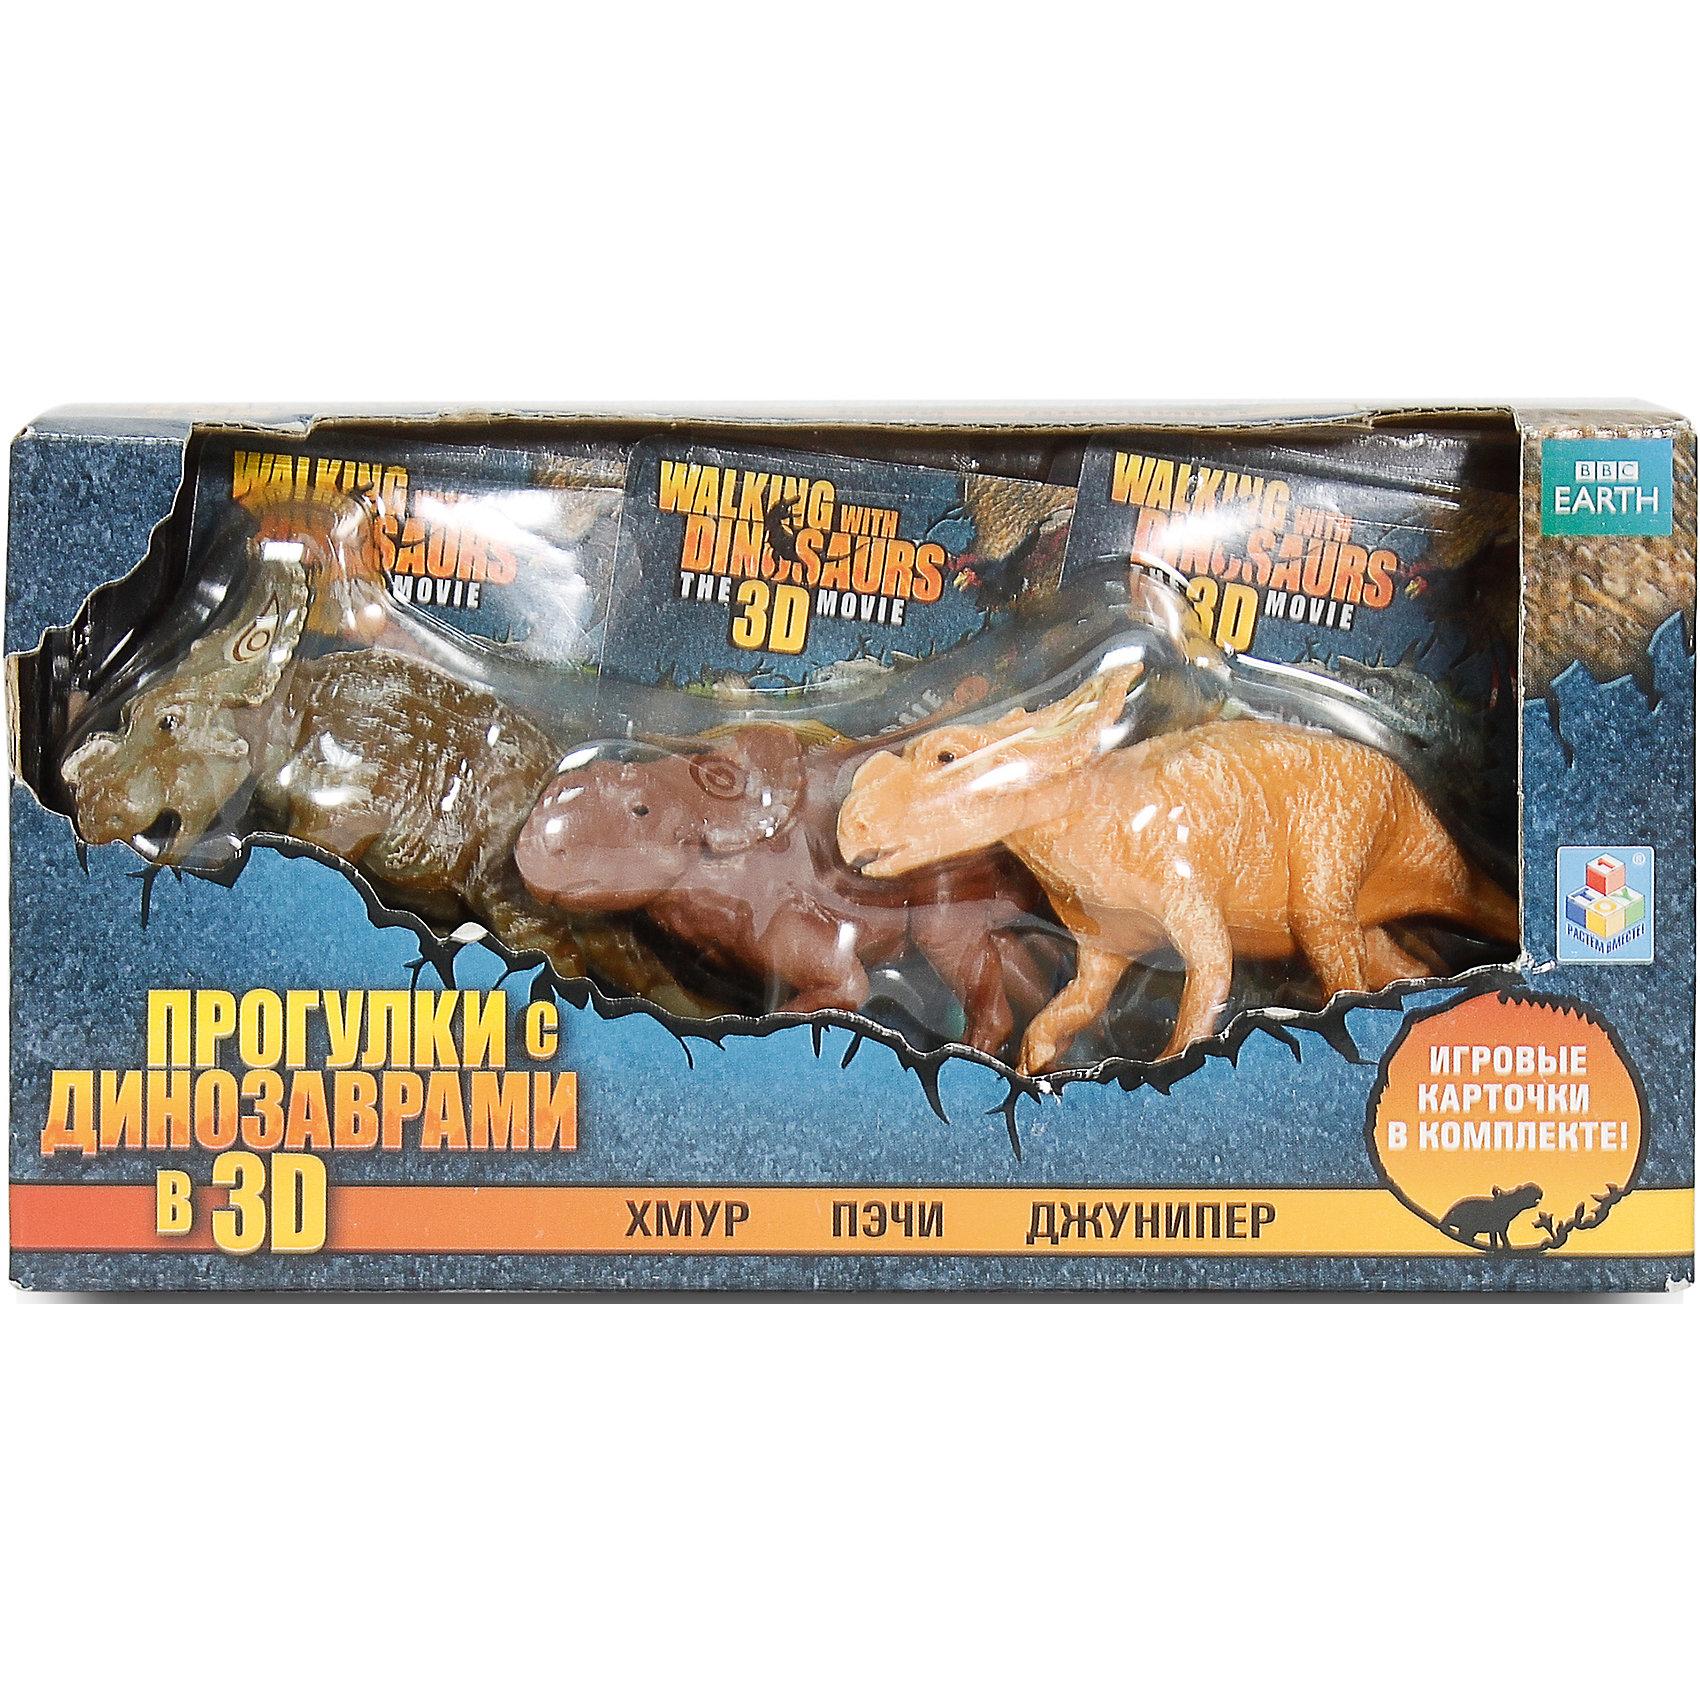 Набор фигурок Прогулки с динозаврами 3D, 1toyНабор фигурок Прогулки с динозаврами 3D, 1toy.<br><br>Характеристика:<br><br>• Материал: пластик, резина.  <br>• Размер динозавра: 7,5 см. <br>• Карточки с описанием динозавров в комплекте. <br>• Игрушки прекрасно проработаны, выглядят очень реалистично. <br><br>Соверши увлекательную и веселую прогулку с динозаврами! В наборе целых три доисторических рептилии, которые прекрасно детализированы и реалистично раскрашены. Игрушки изготовлены из высококачественных экологичных материалов безопасных для детей. Пэчи, Хмур и Джунипер ждут встречи со своими маленькими хозяевами! <br><br>Набор фигурок Прогулки с динозаврами 3D, 1toy, можно купить в нашем интернет-магазине.<br><br>Ширина мм: 180<br>Глубина мм: 40<br>Высота мм: 90<br>Вес г: 155<br>Возраст от месяцев: 36<br>Возраст до месяцев: 144<br>Пол: Мужской<br>Возраст: Детский<br>SKU: 4767359